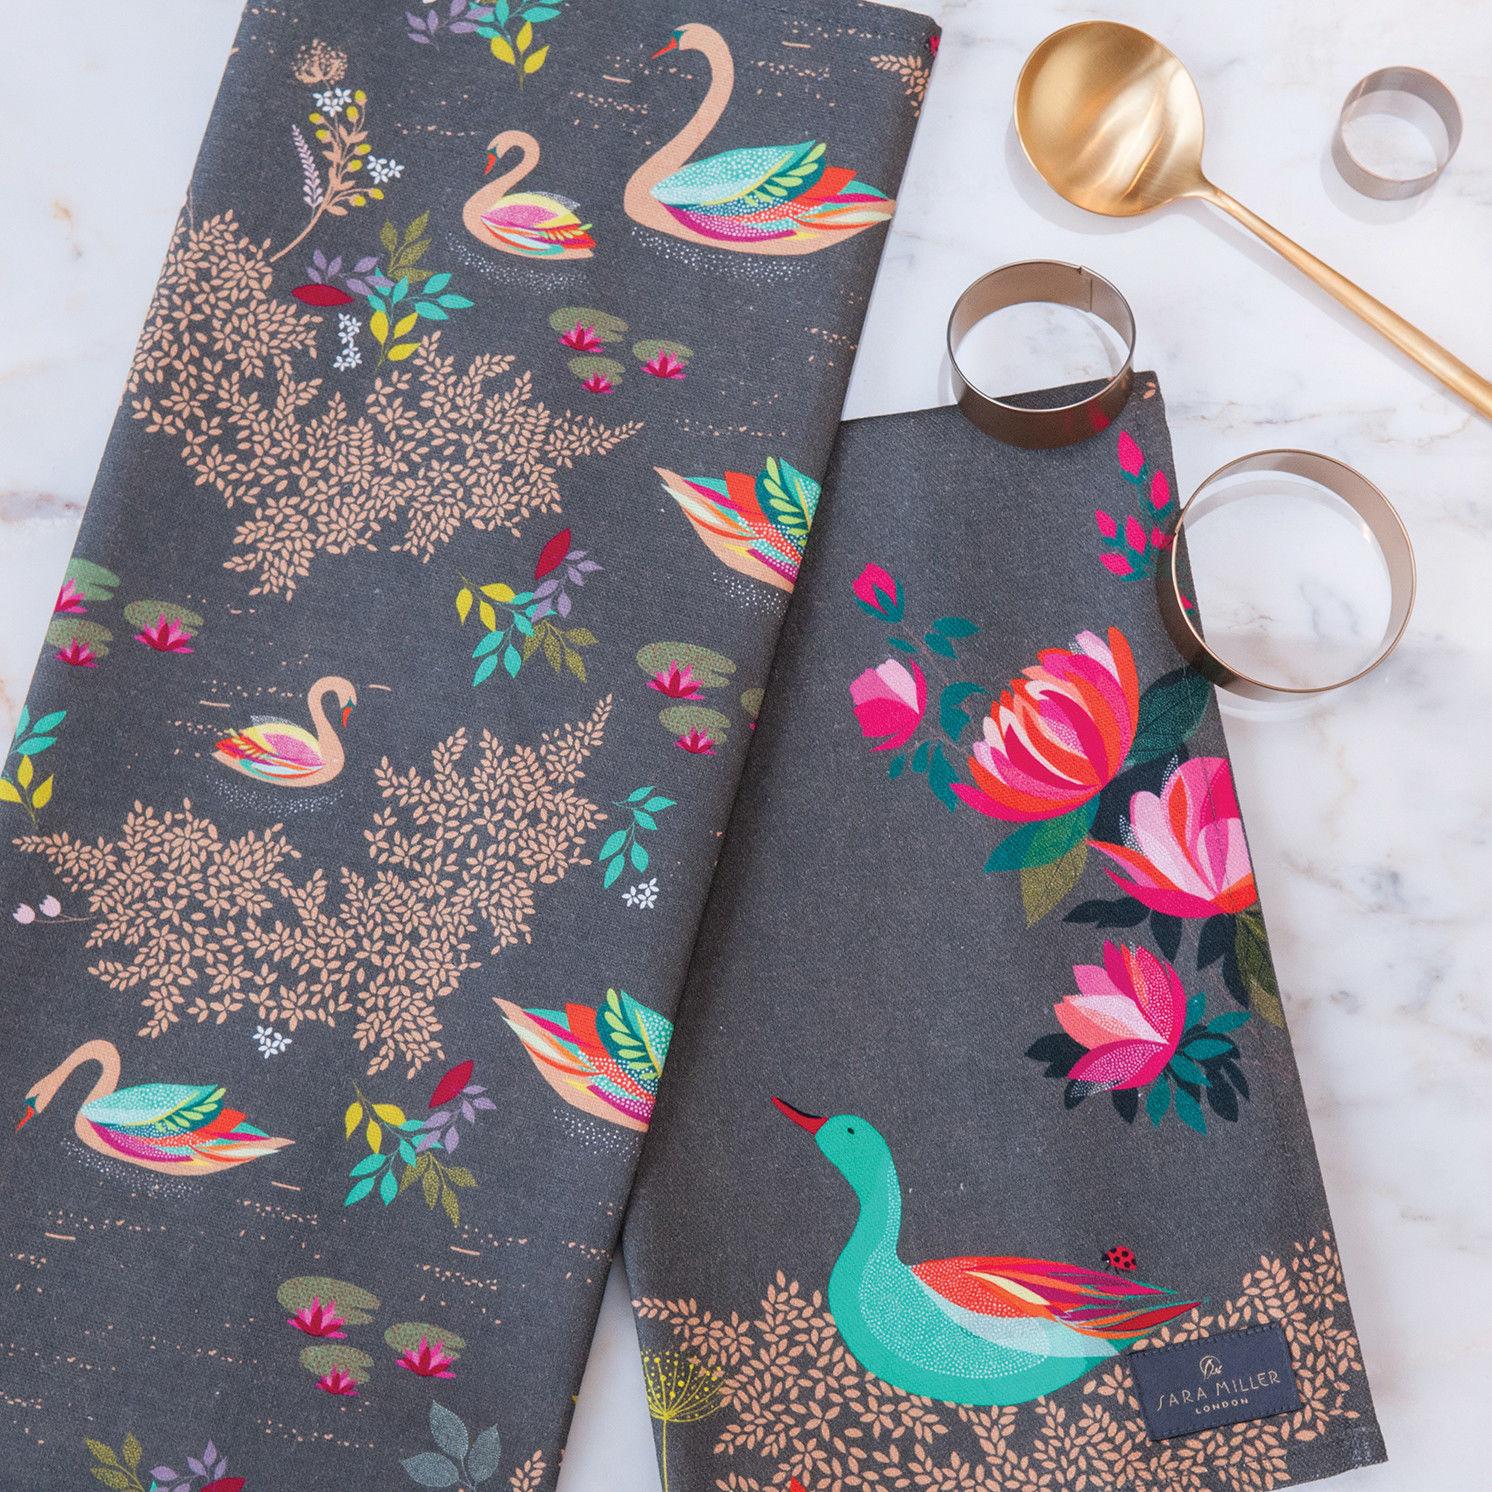 Sara Miller – Swan Repeat Apron in Presentation Gift Box